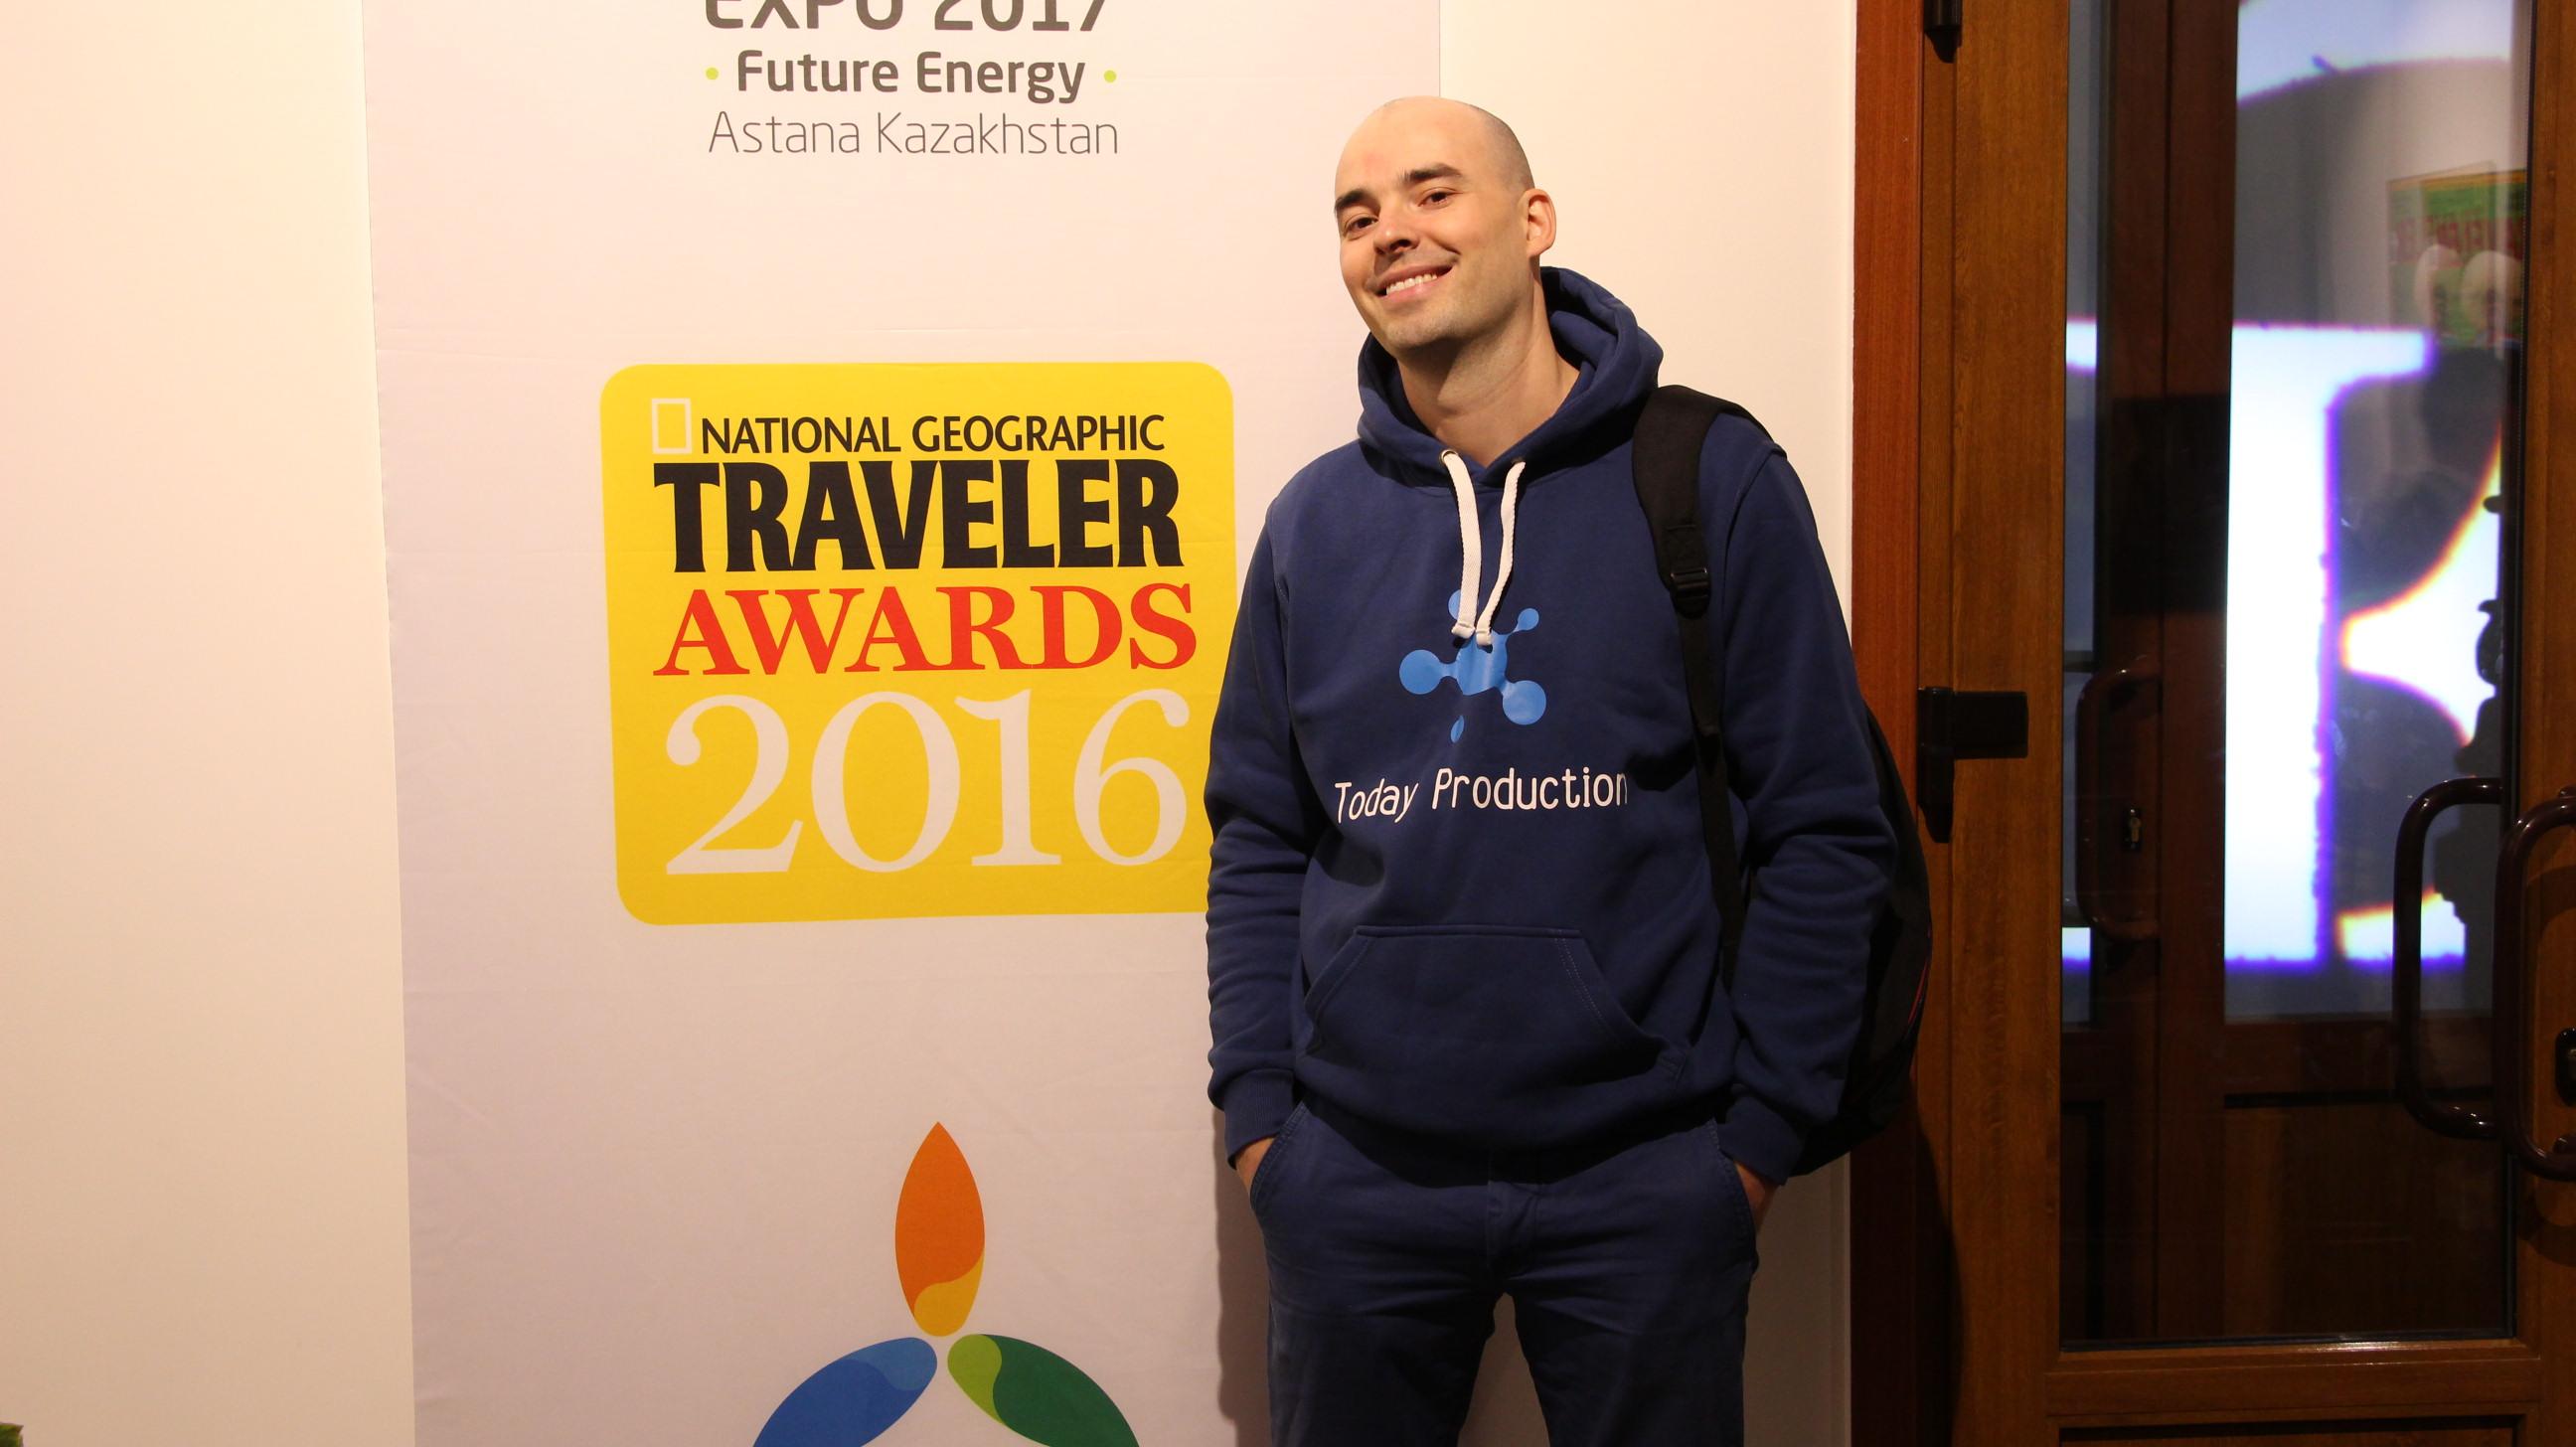 Видео сопровождение мероприятия National Geographic Traveler Awards